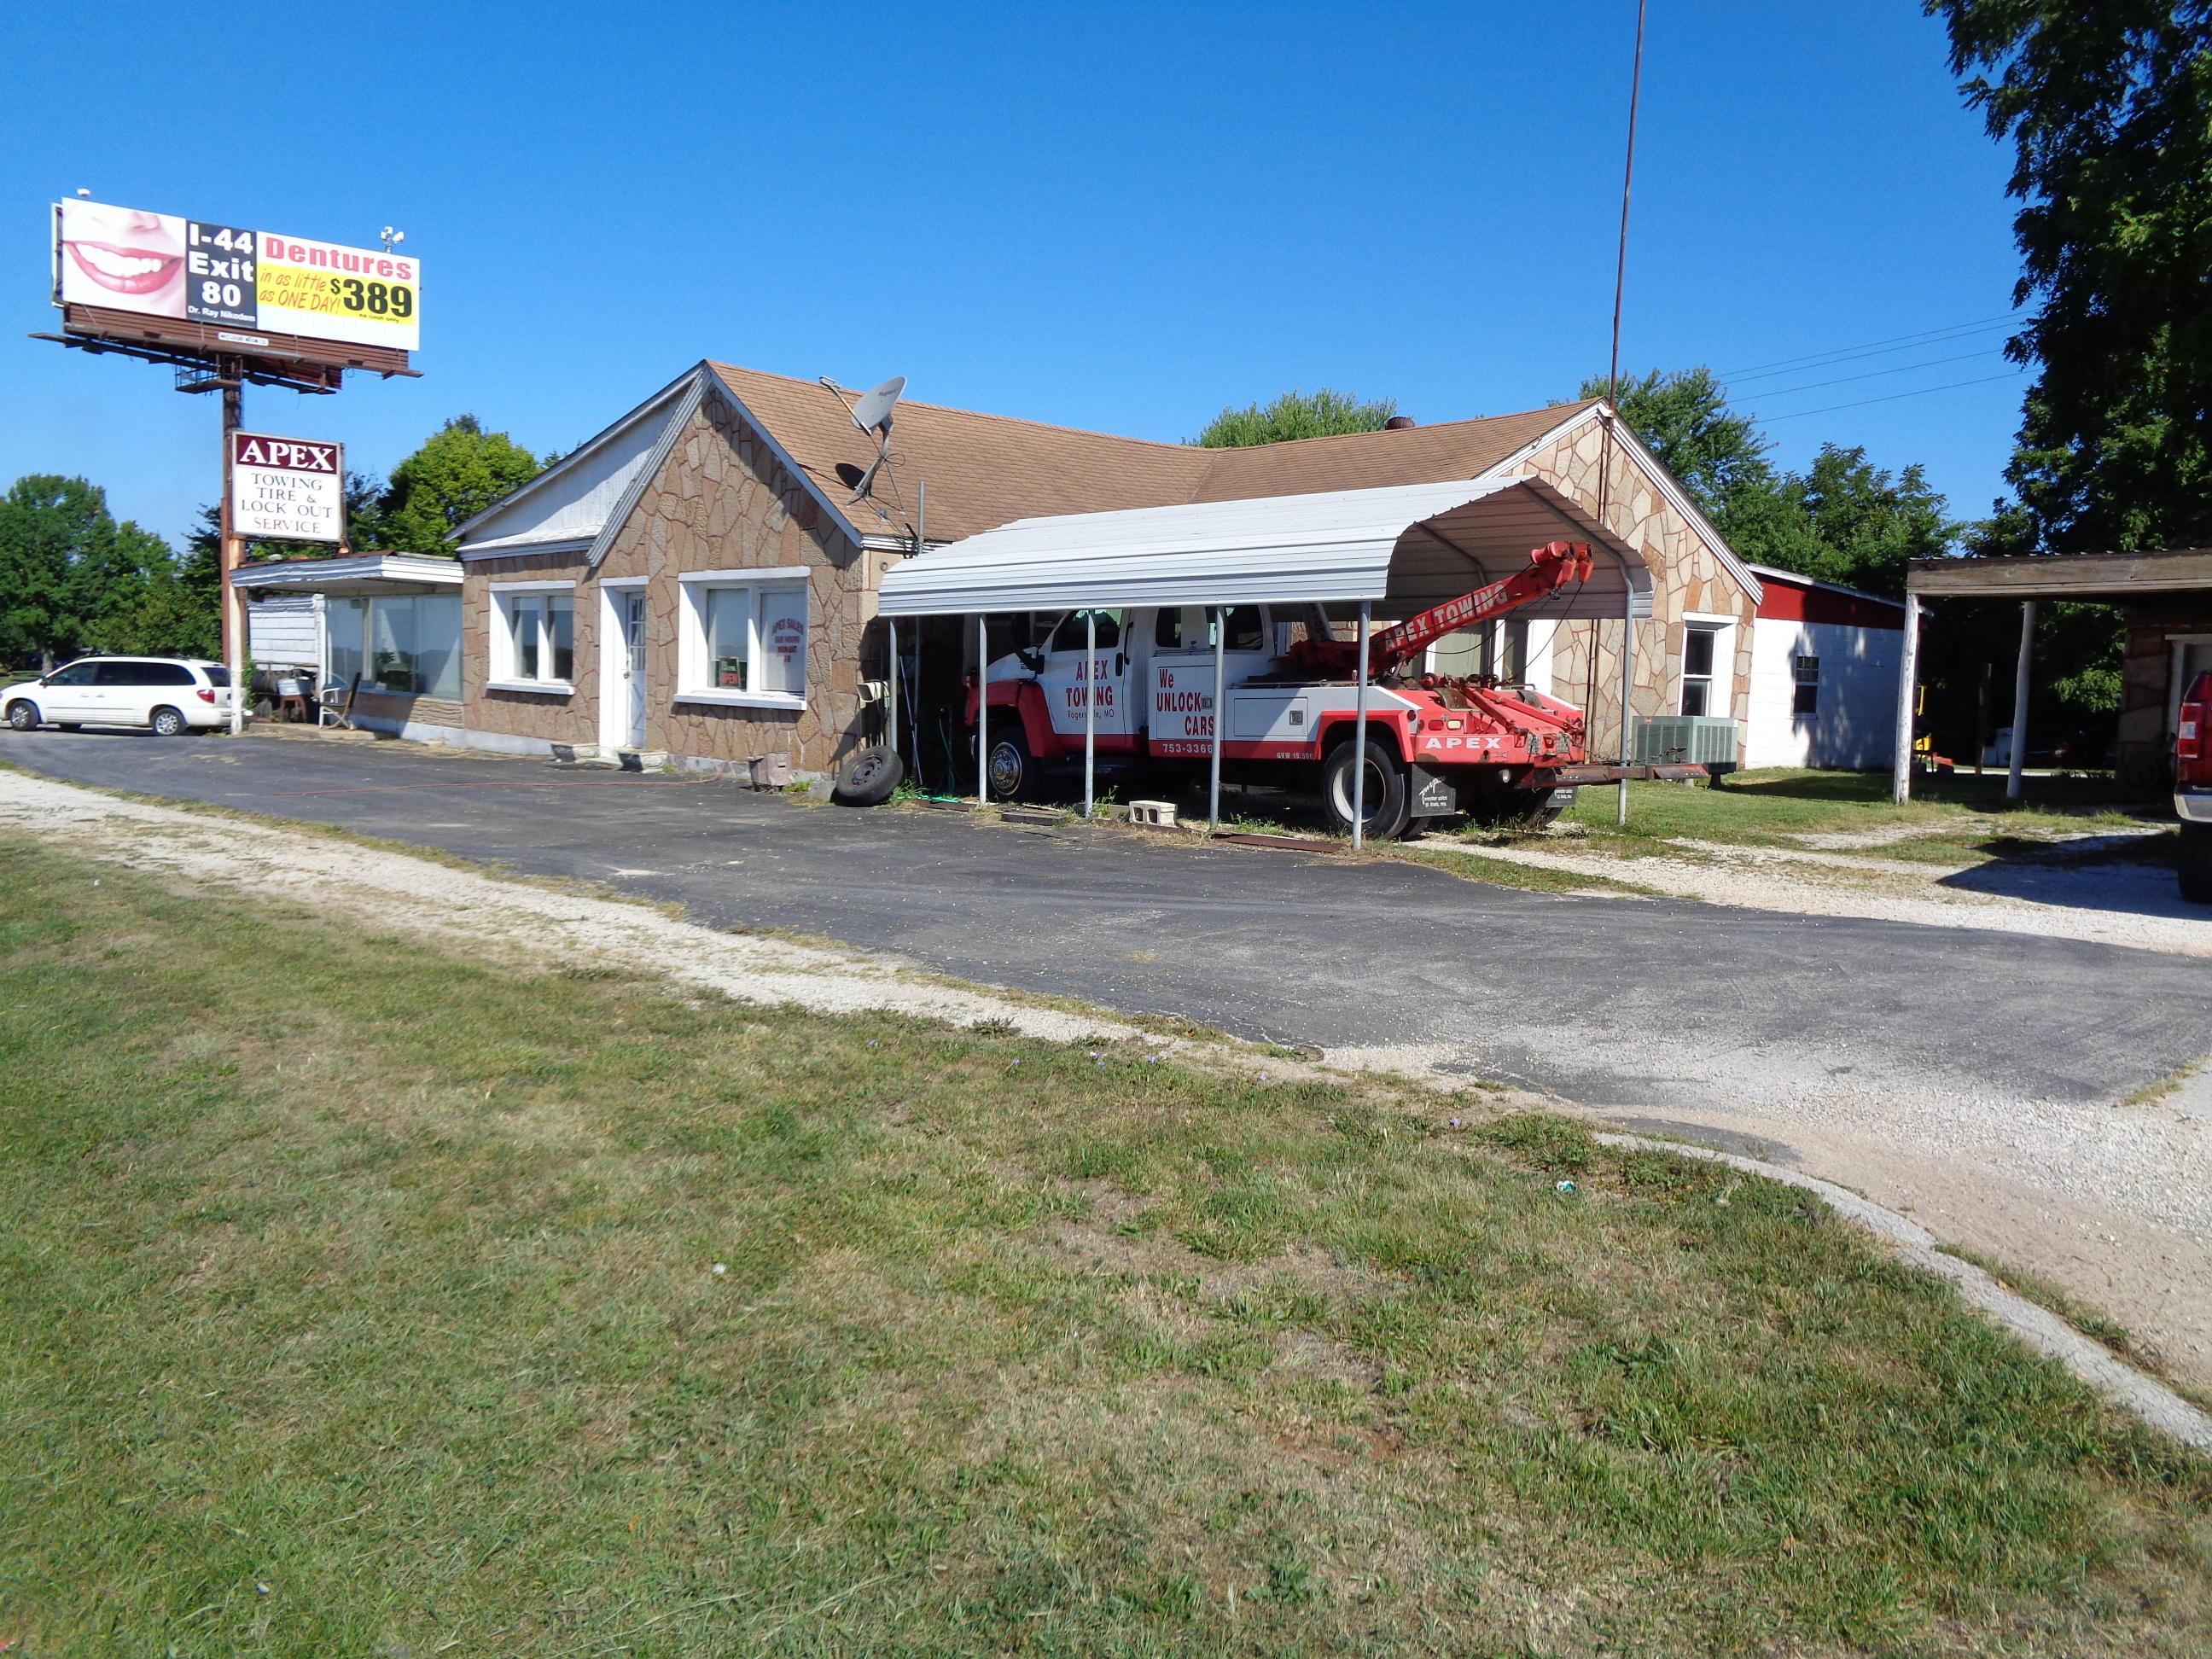 7855 Us-60 Rogersville, MO 65742